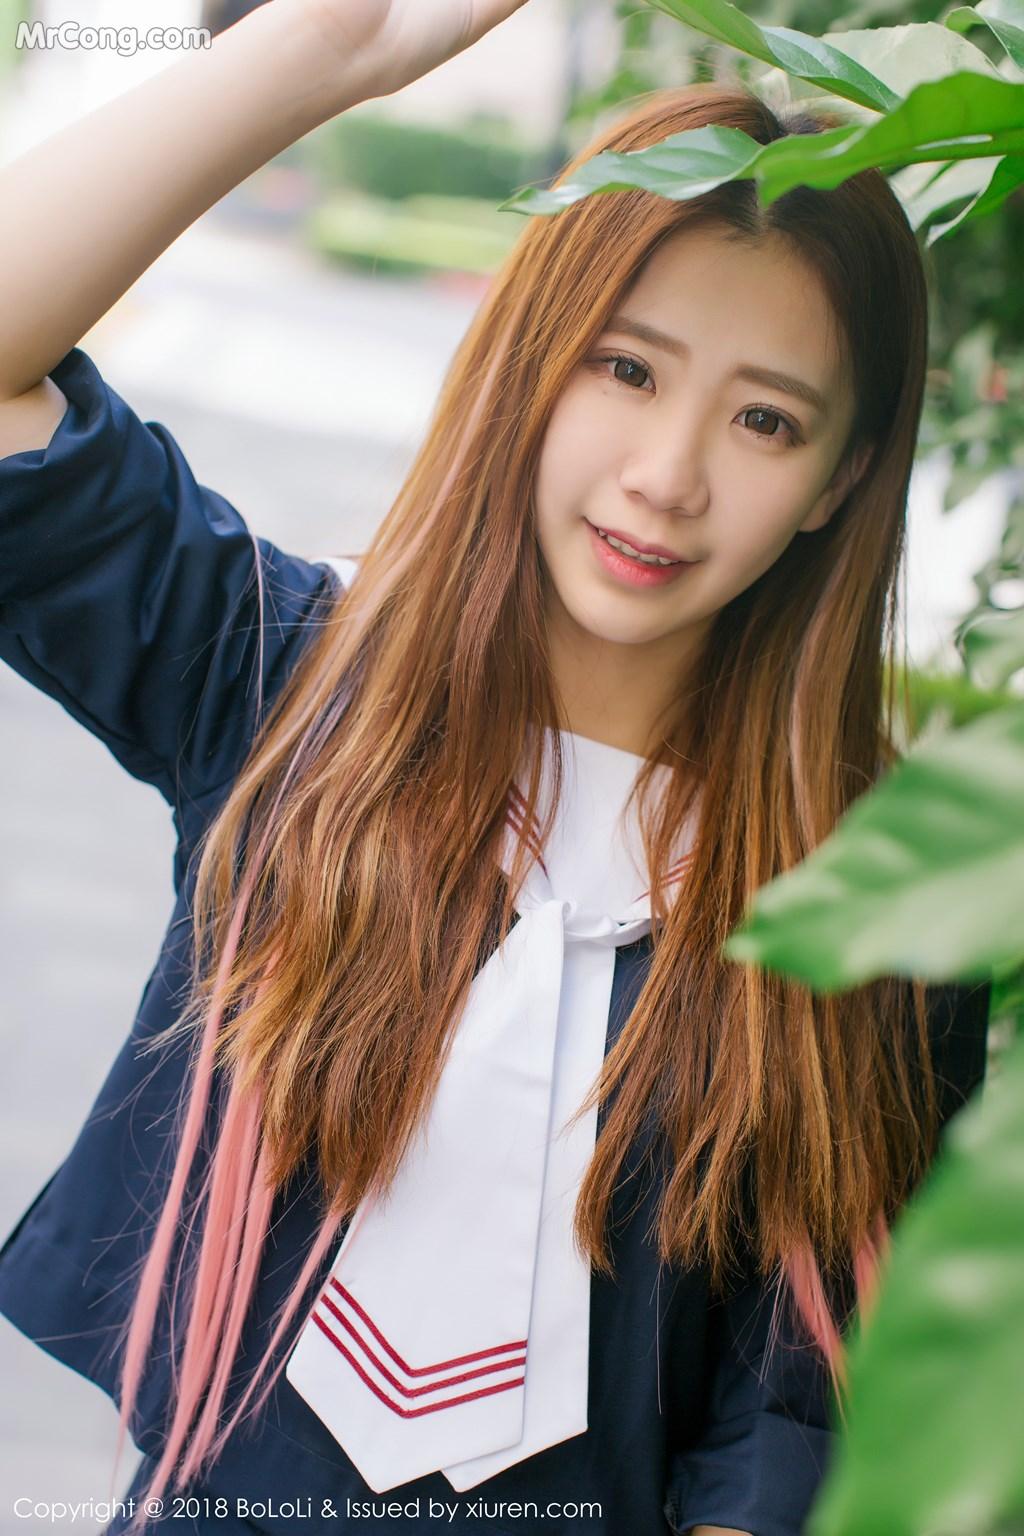 Image Tukmo-Vol.107-Dong-Chen-Li-MrCong.com-004 in post Tukmo Vol.107: Người mẫu Dong Chen Li (董成丽) (43 ảnh)